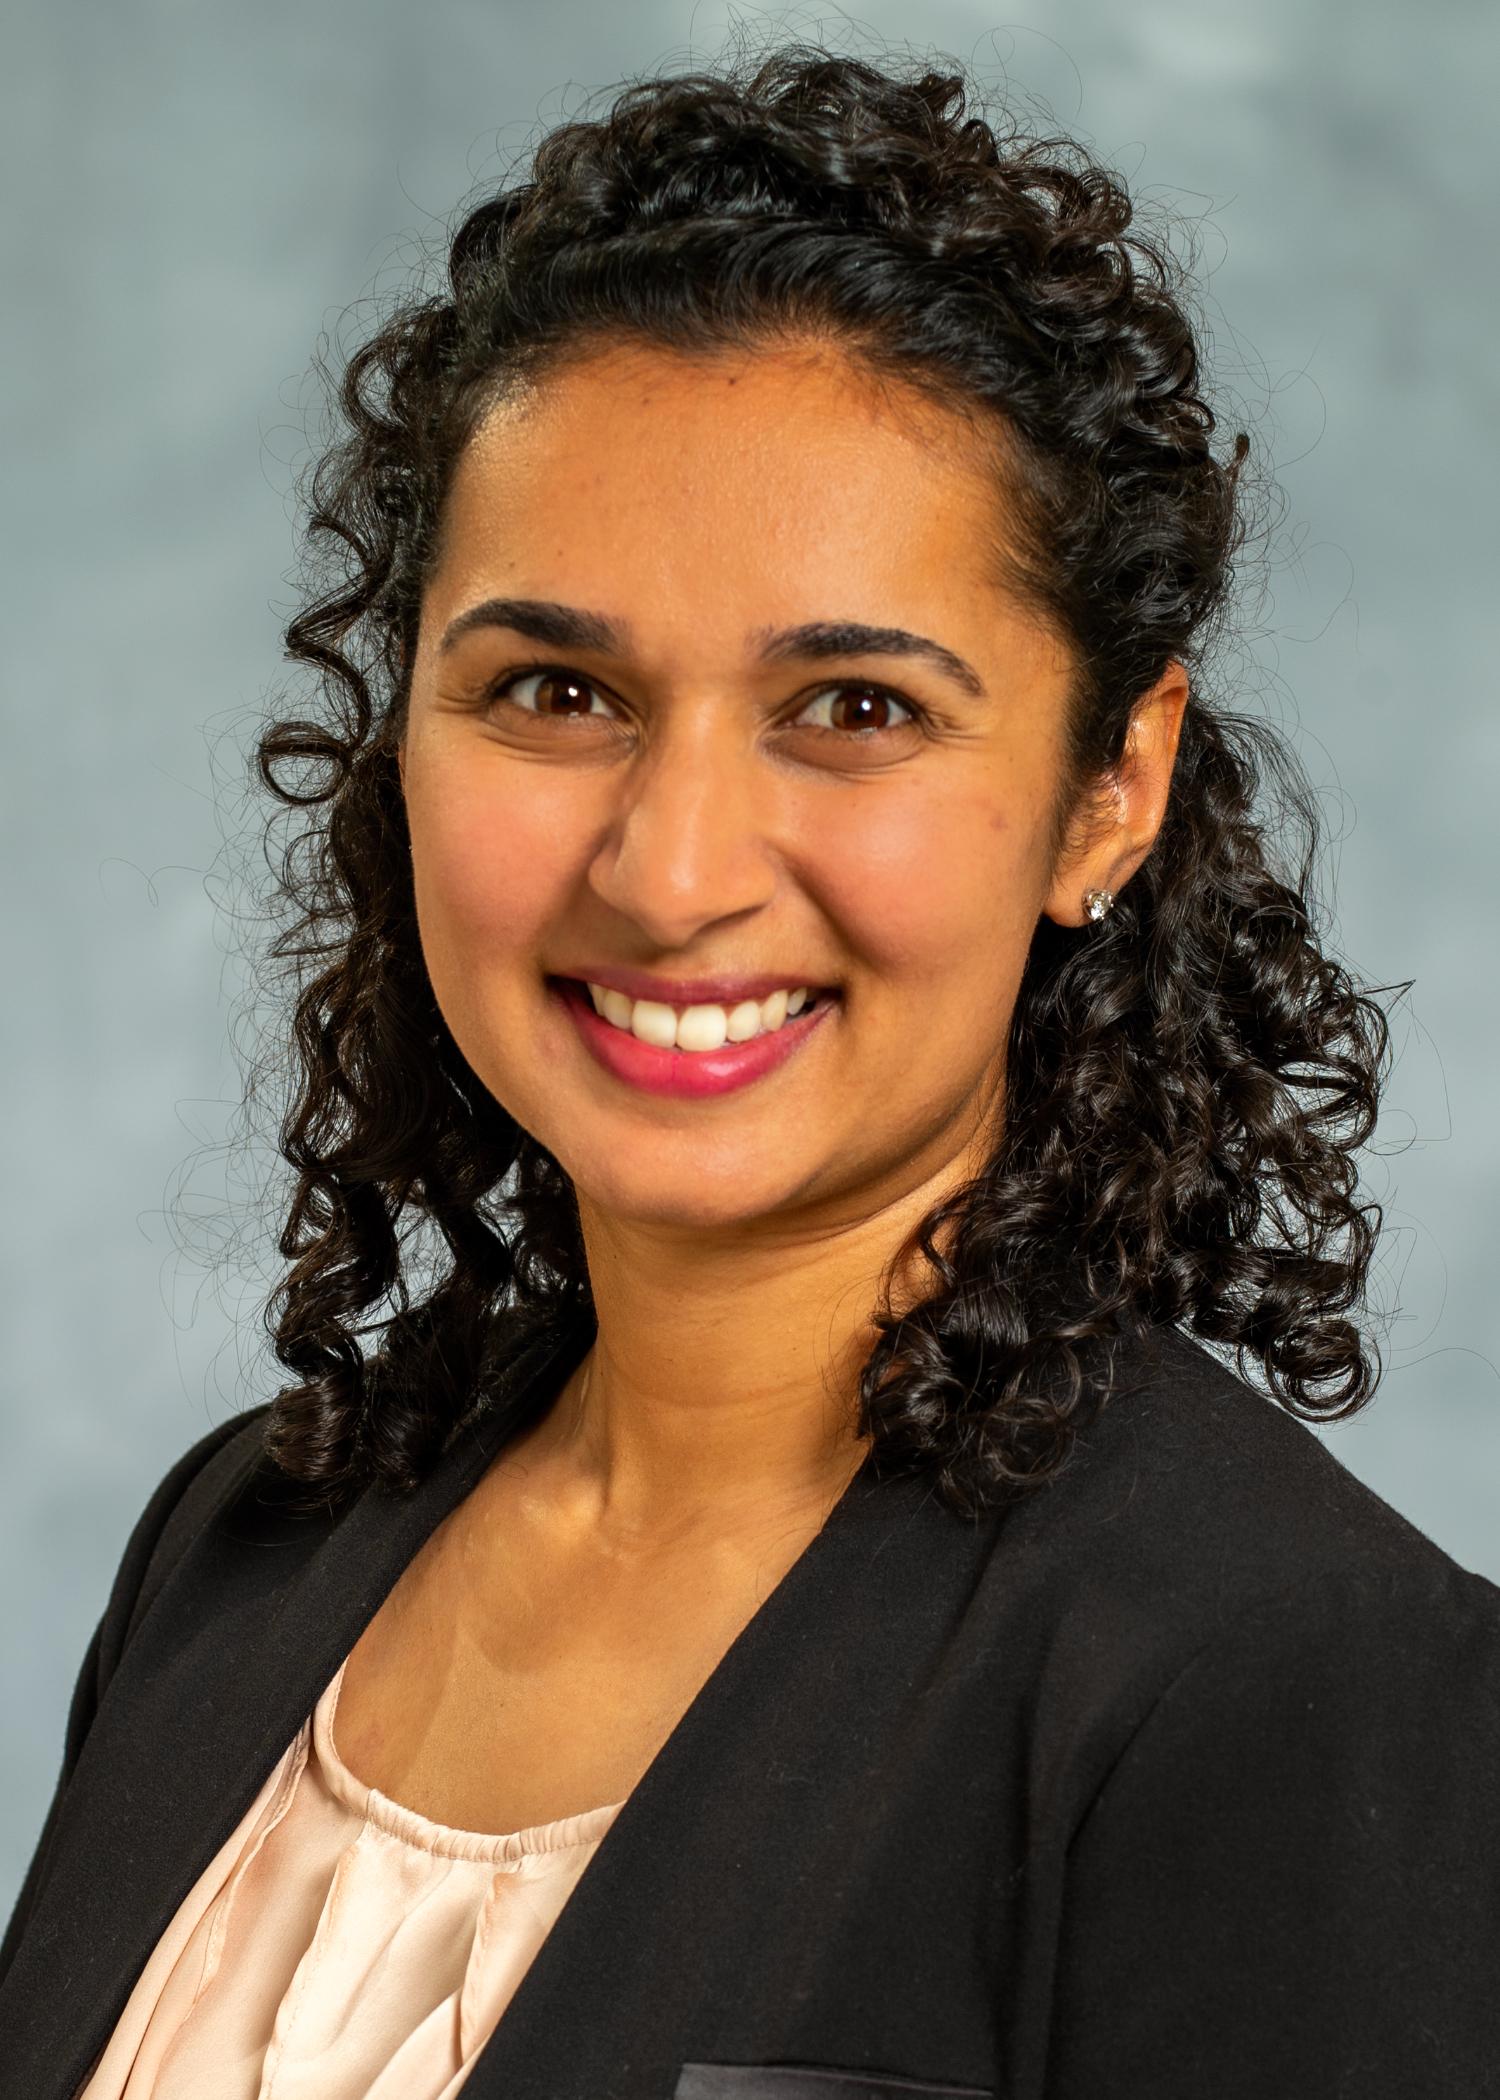 Nasreen Quadri